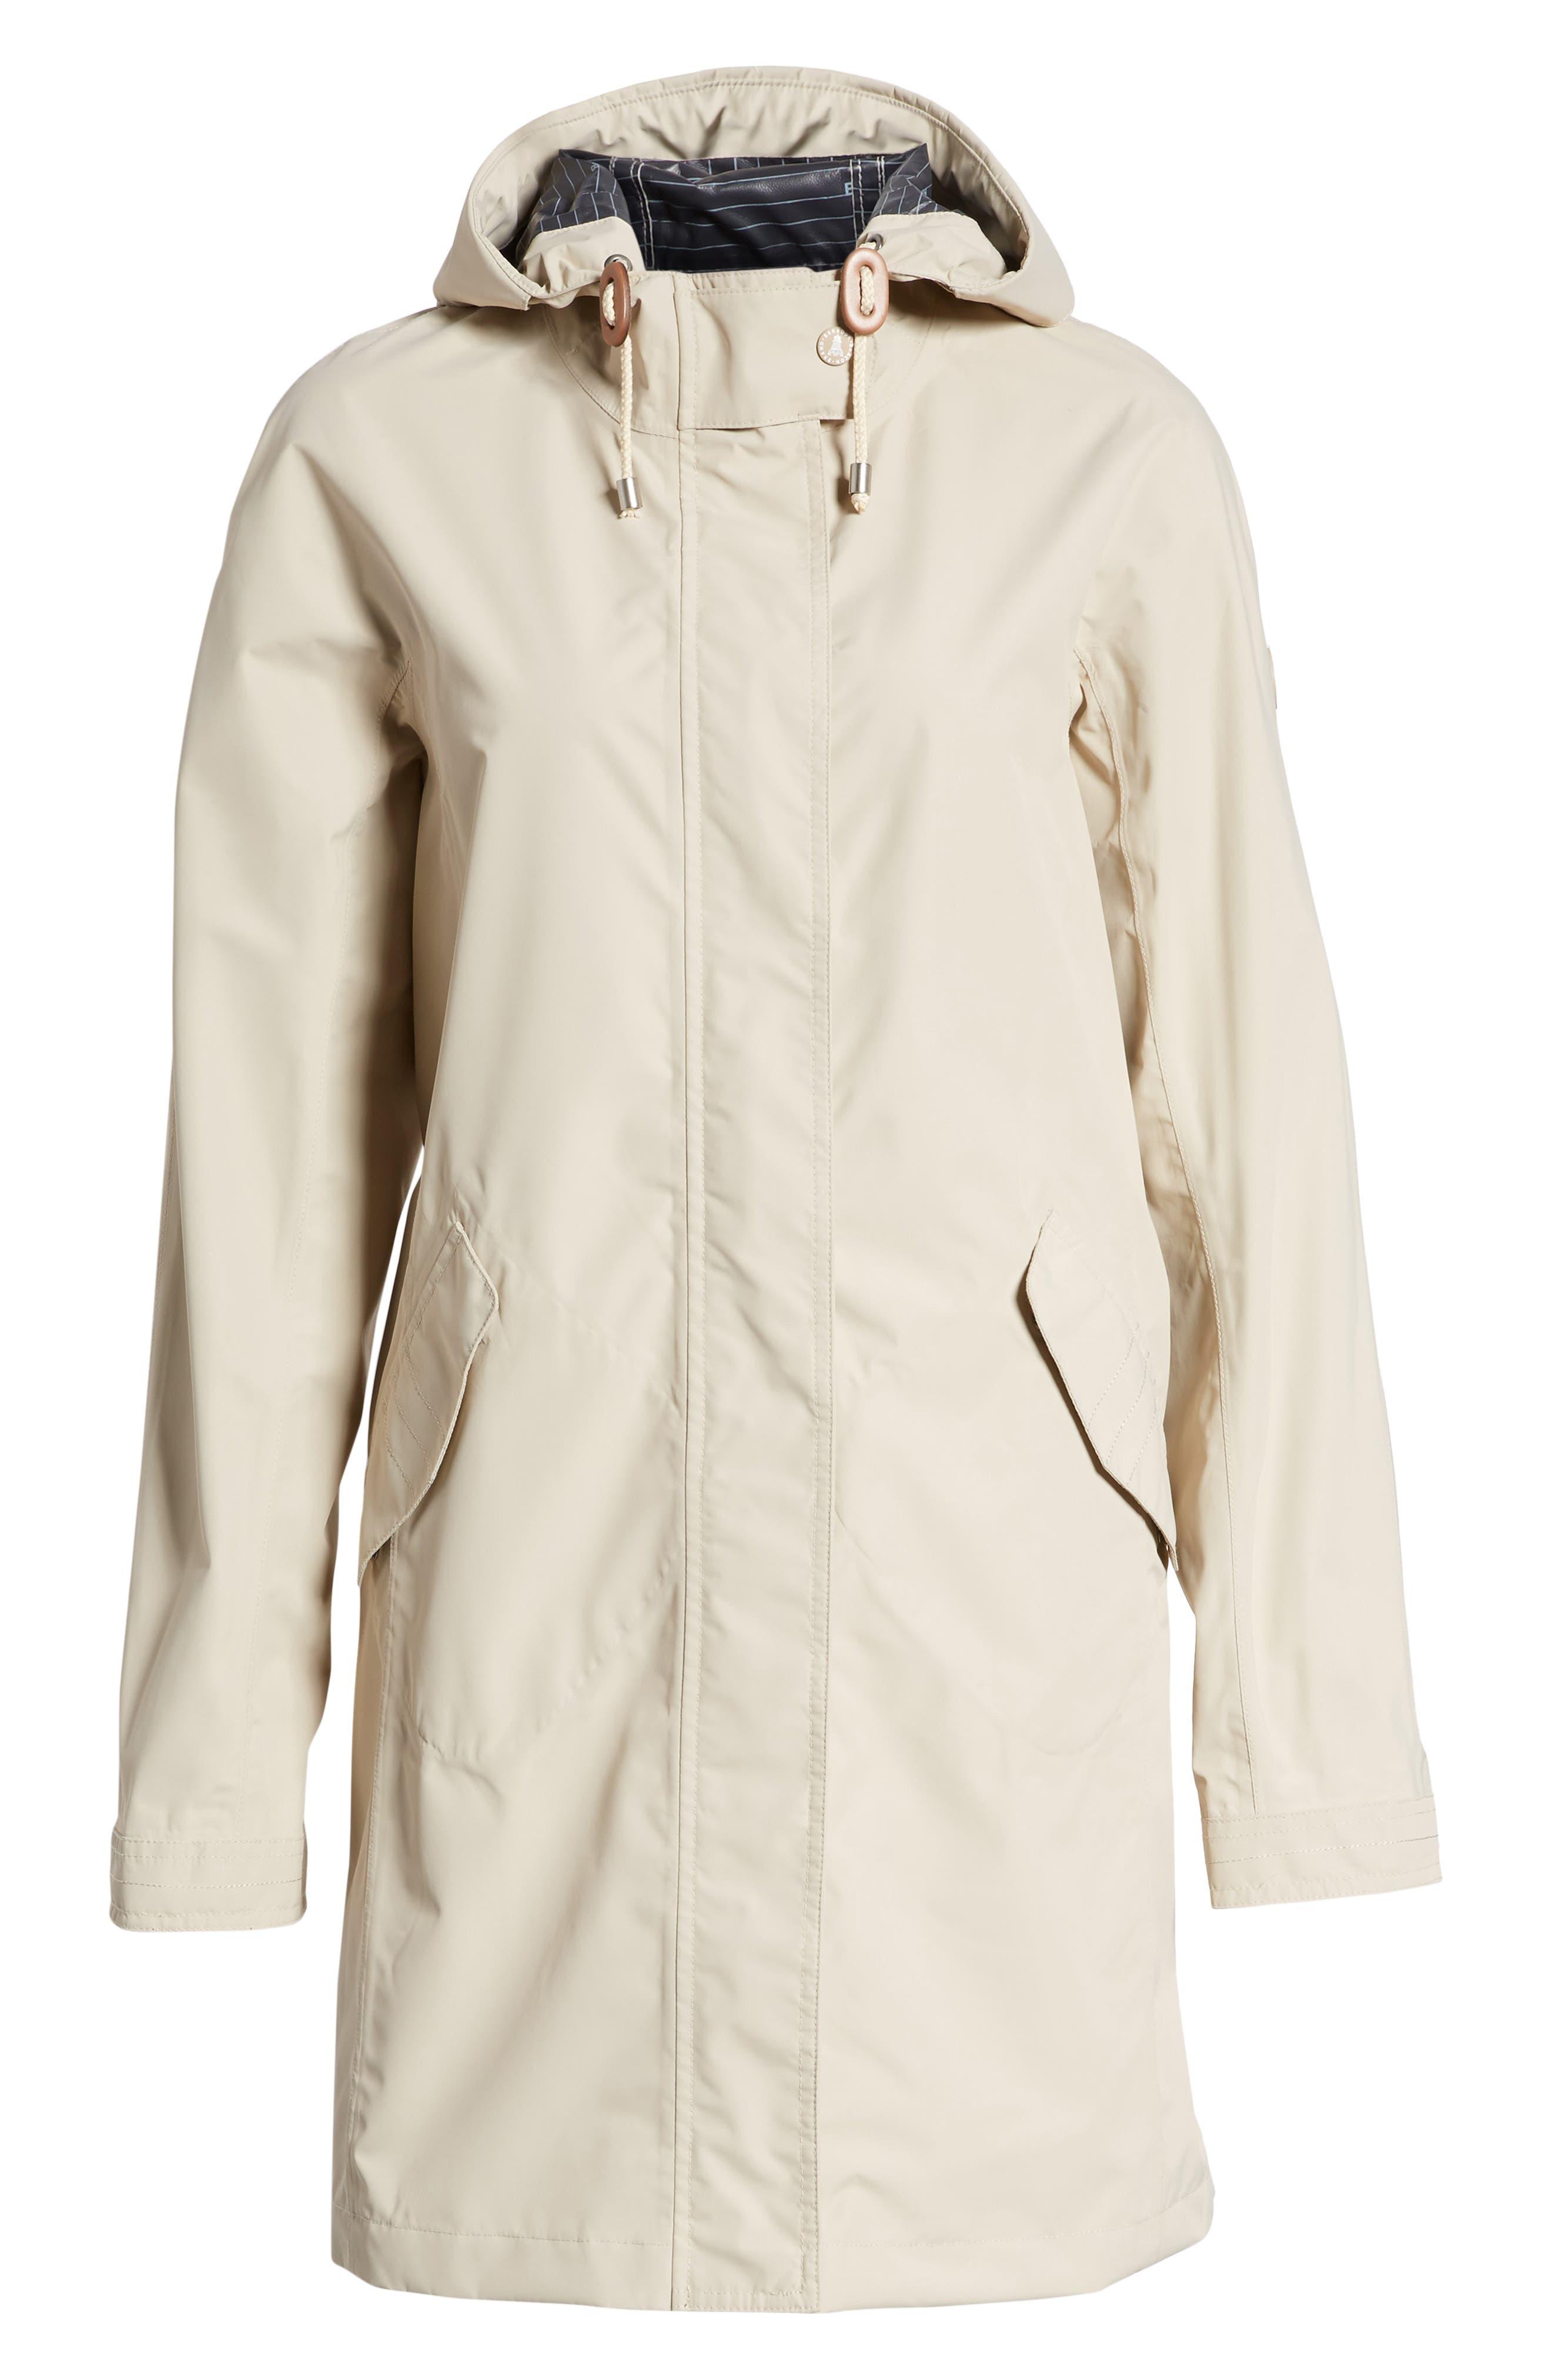 Hartland Hooded Jacket,                             Alternate thumbnail 5, color,                             270